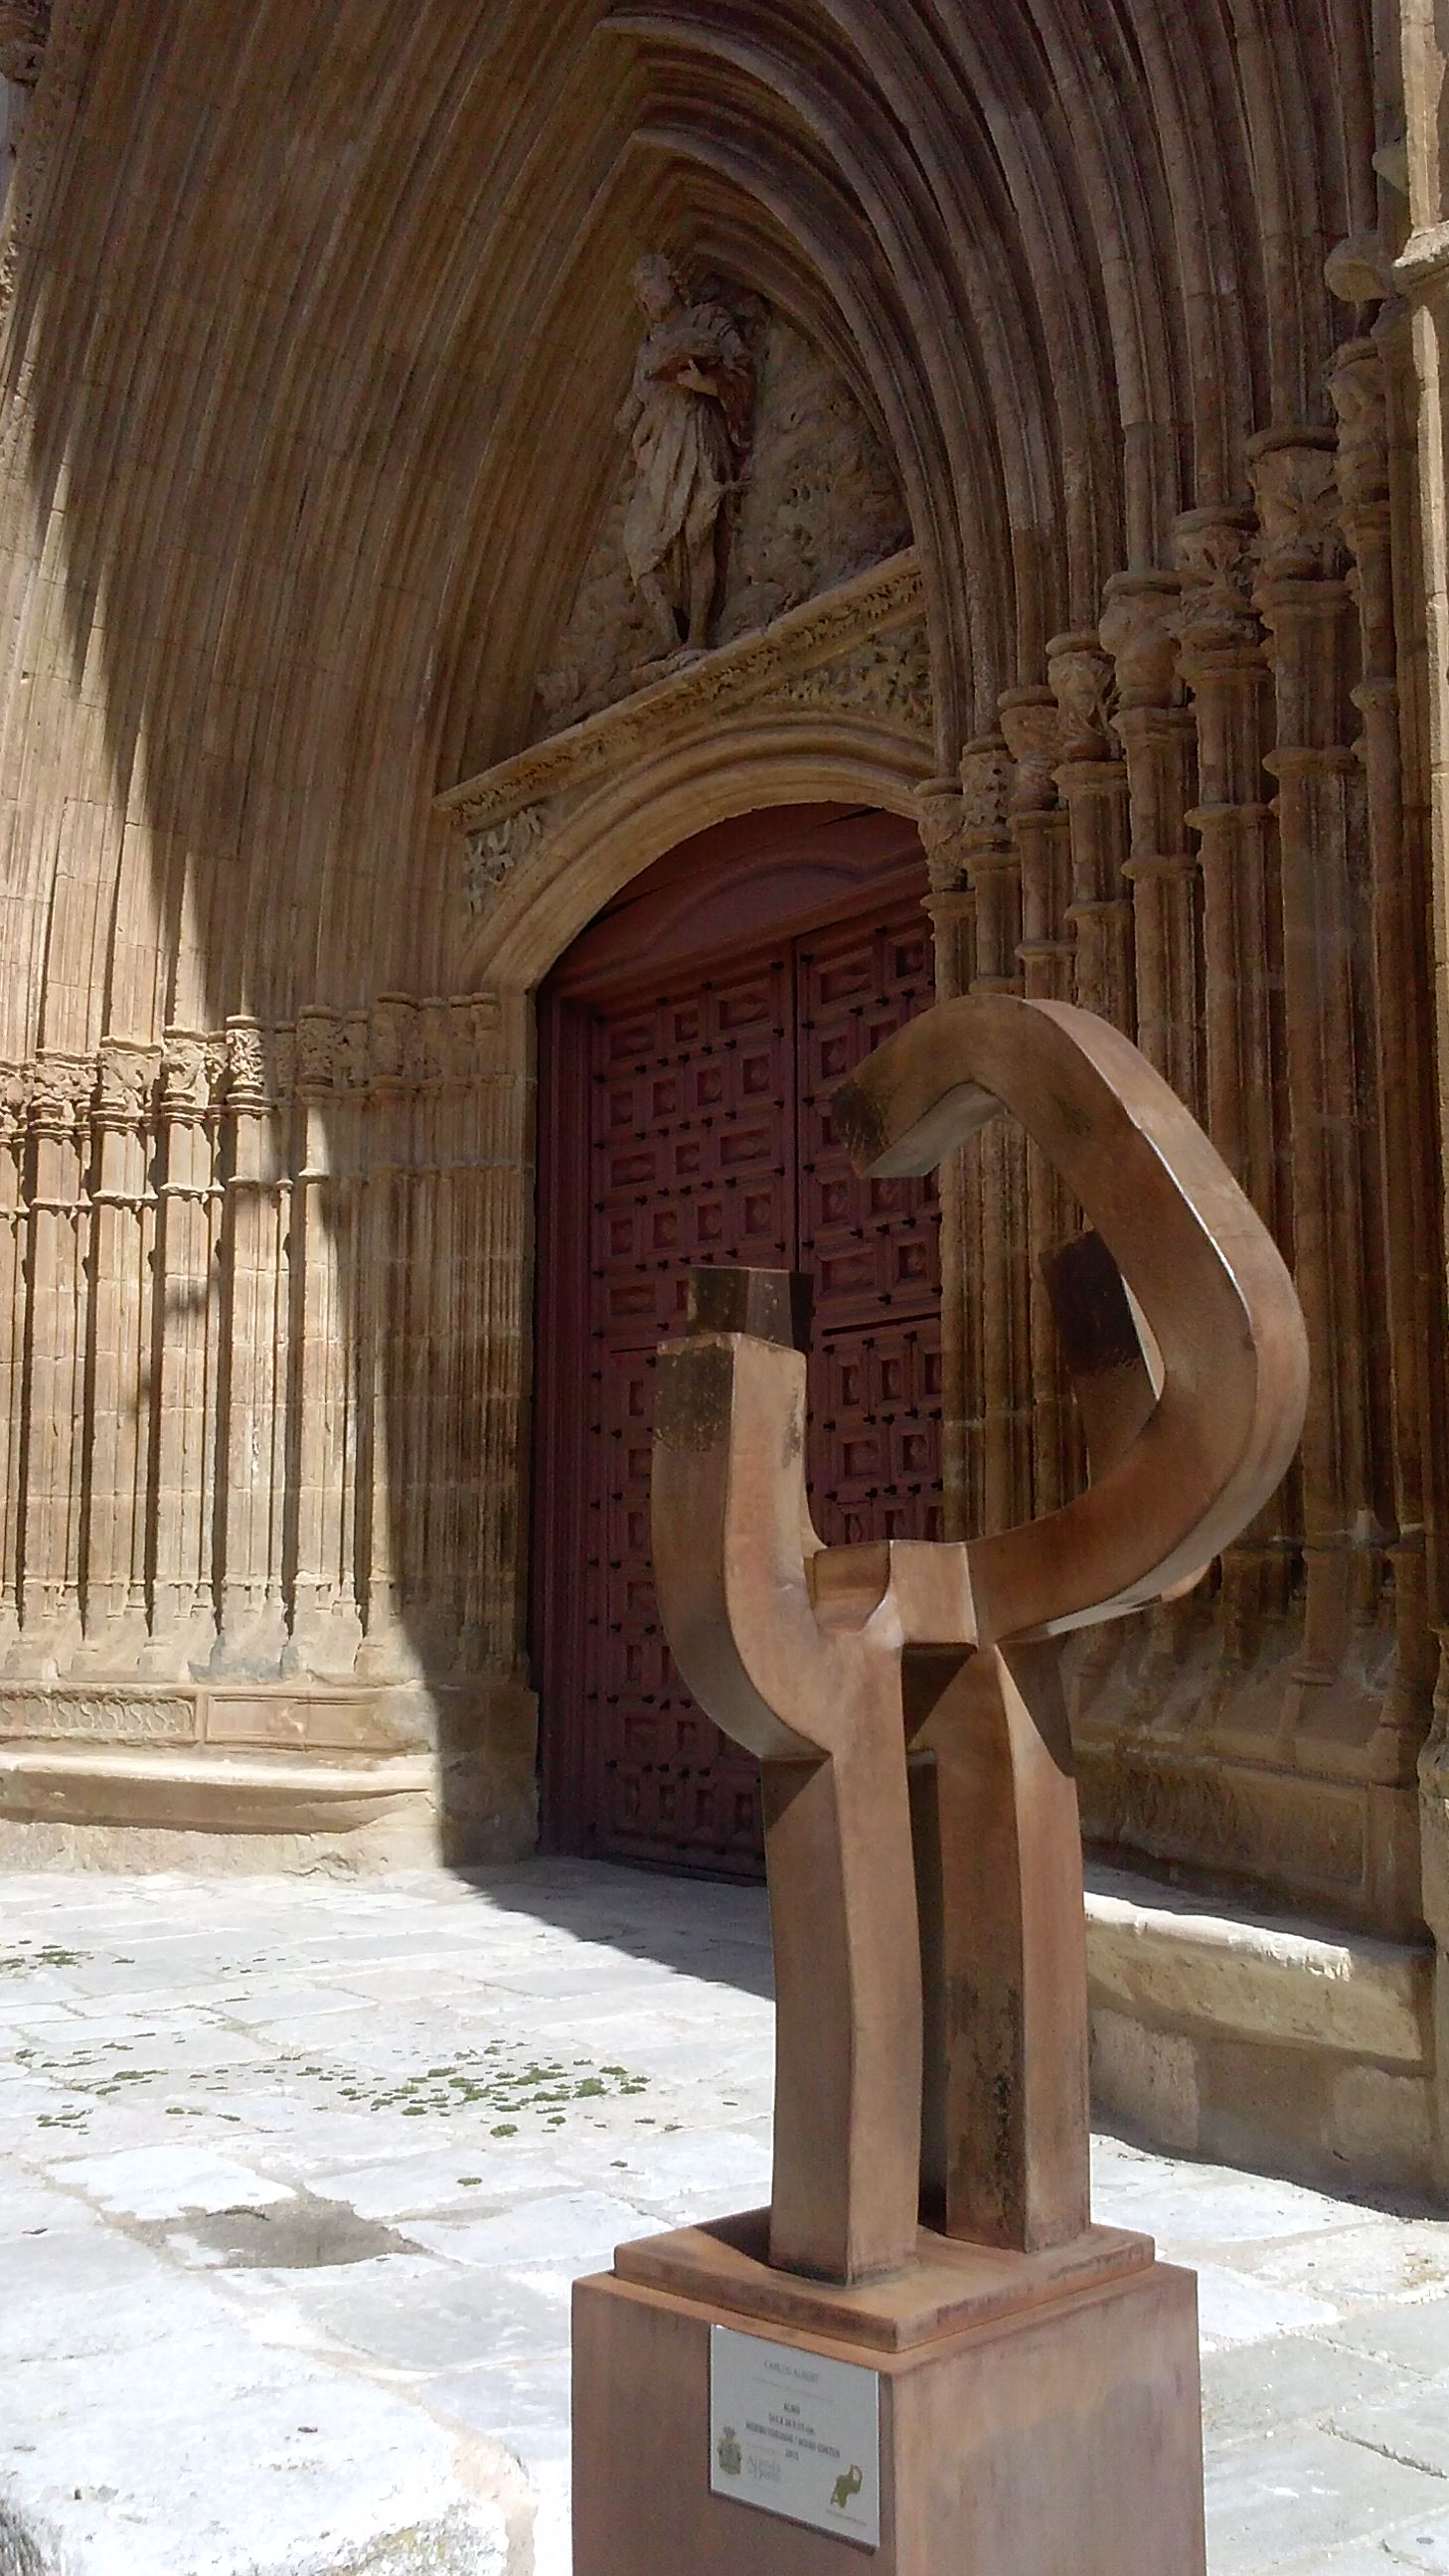 Almo, 163 X 38 X 35 cm, hierro forjado / Acero corten, 2015, pieza única. Como una sencilla aureola, la escultura se desarrolla a partir de un arco en la parte superior de la obra, homenaje a San Juan Bautista. Los tres apoyos verticales y el pedestal sobre el que se sitúa, aportan espiritualidad a la pieza.